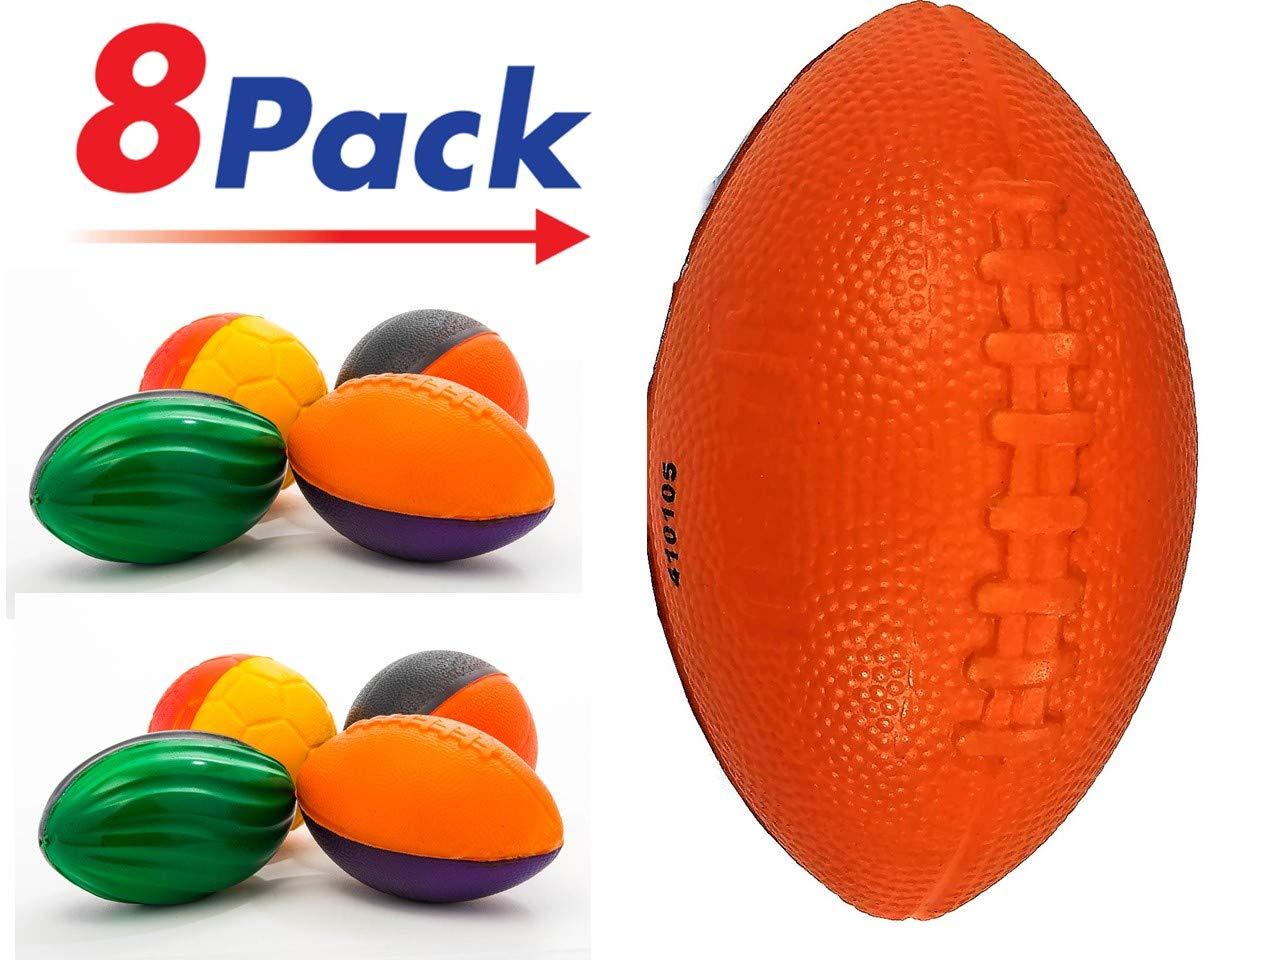 訳あり商品 Play 8 With The Air Foamスポーツボール of。ソフト Play、簡単に使用ボールfor Kids。スタイルが異なる場合があります。Lots ofアウトドア楽しいGREATパーティーFavor。350 Pack of 24 350 B077H7KS2X Pack of 8 Pack of 8, 青山貿易マワハンガー正規販売店:1be1d7d8 --- irlandskayaliteratura.org